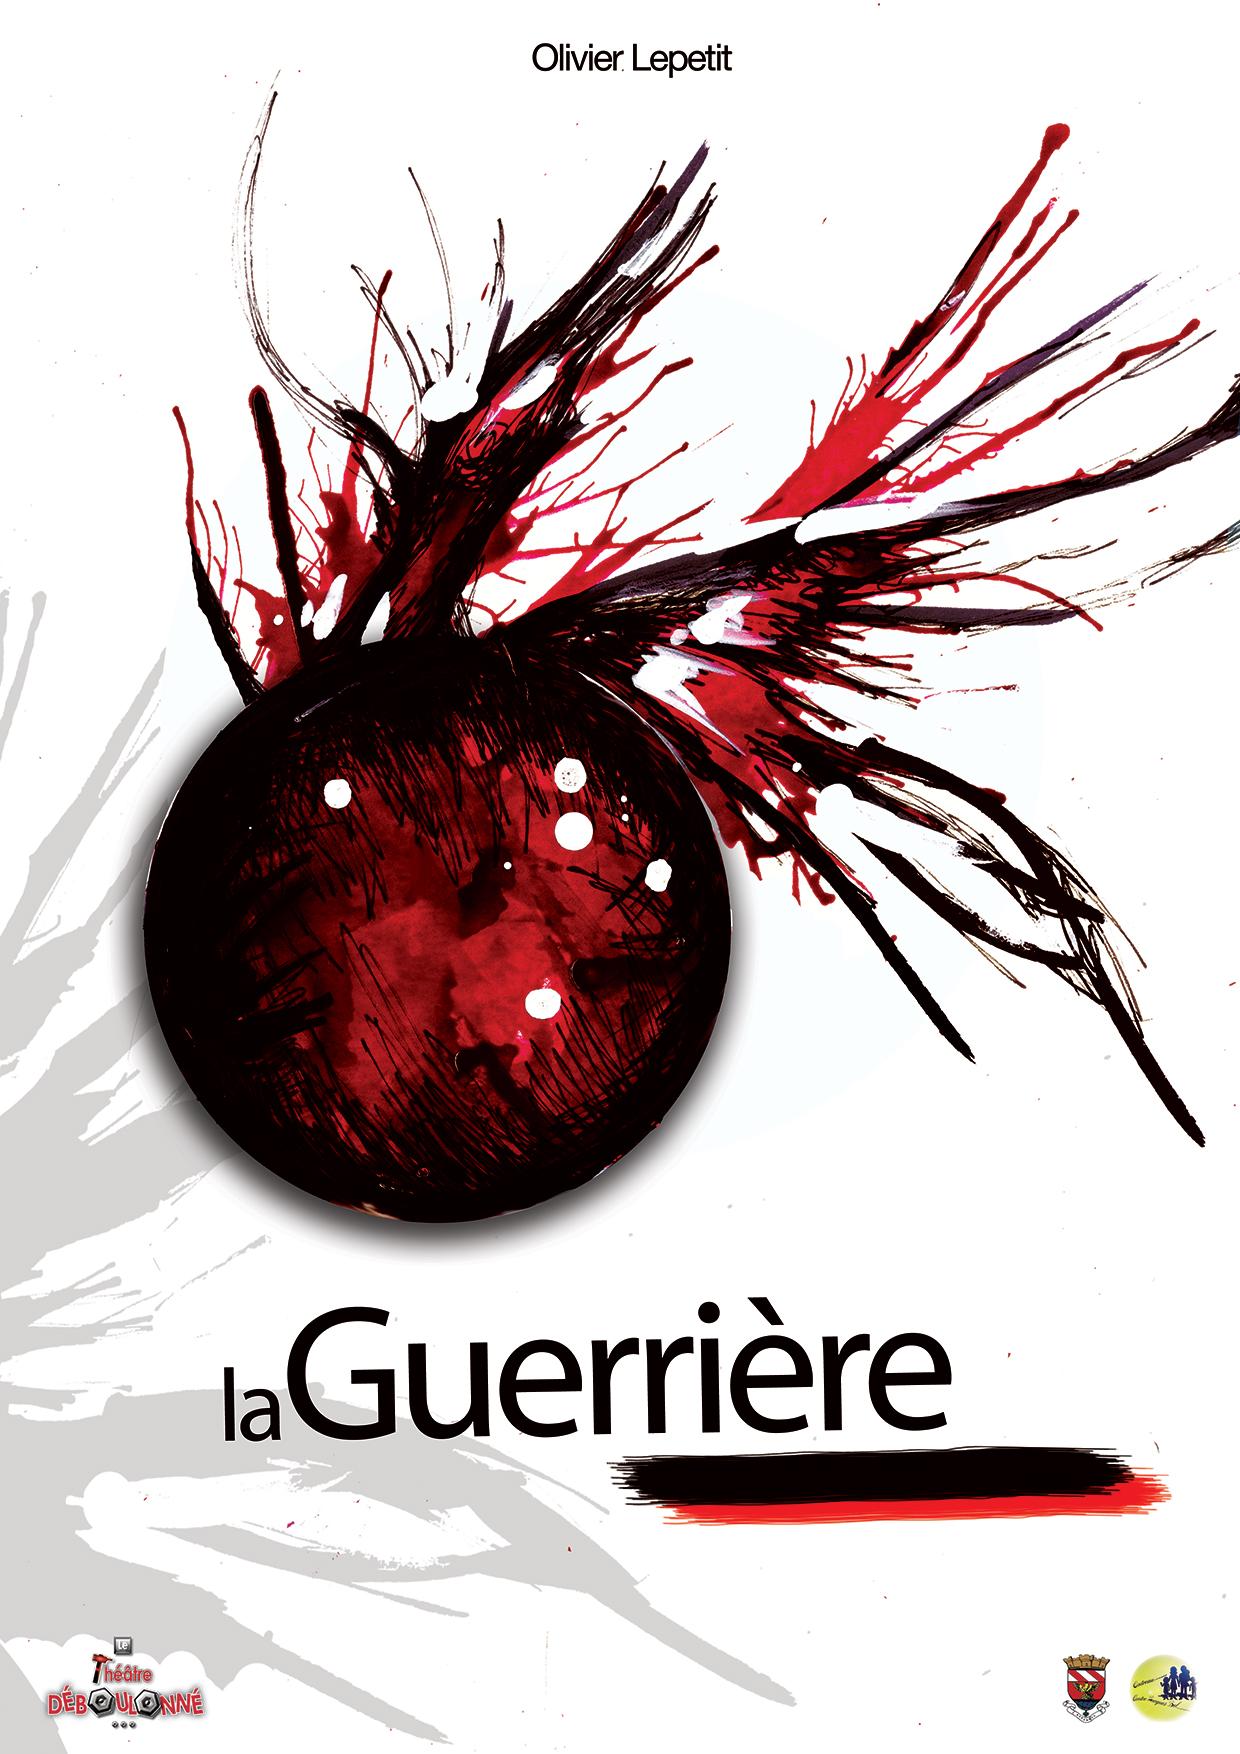 affiche_guerriere_td2016_web